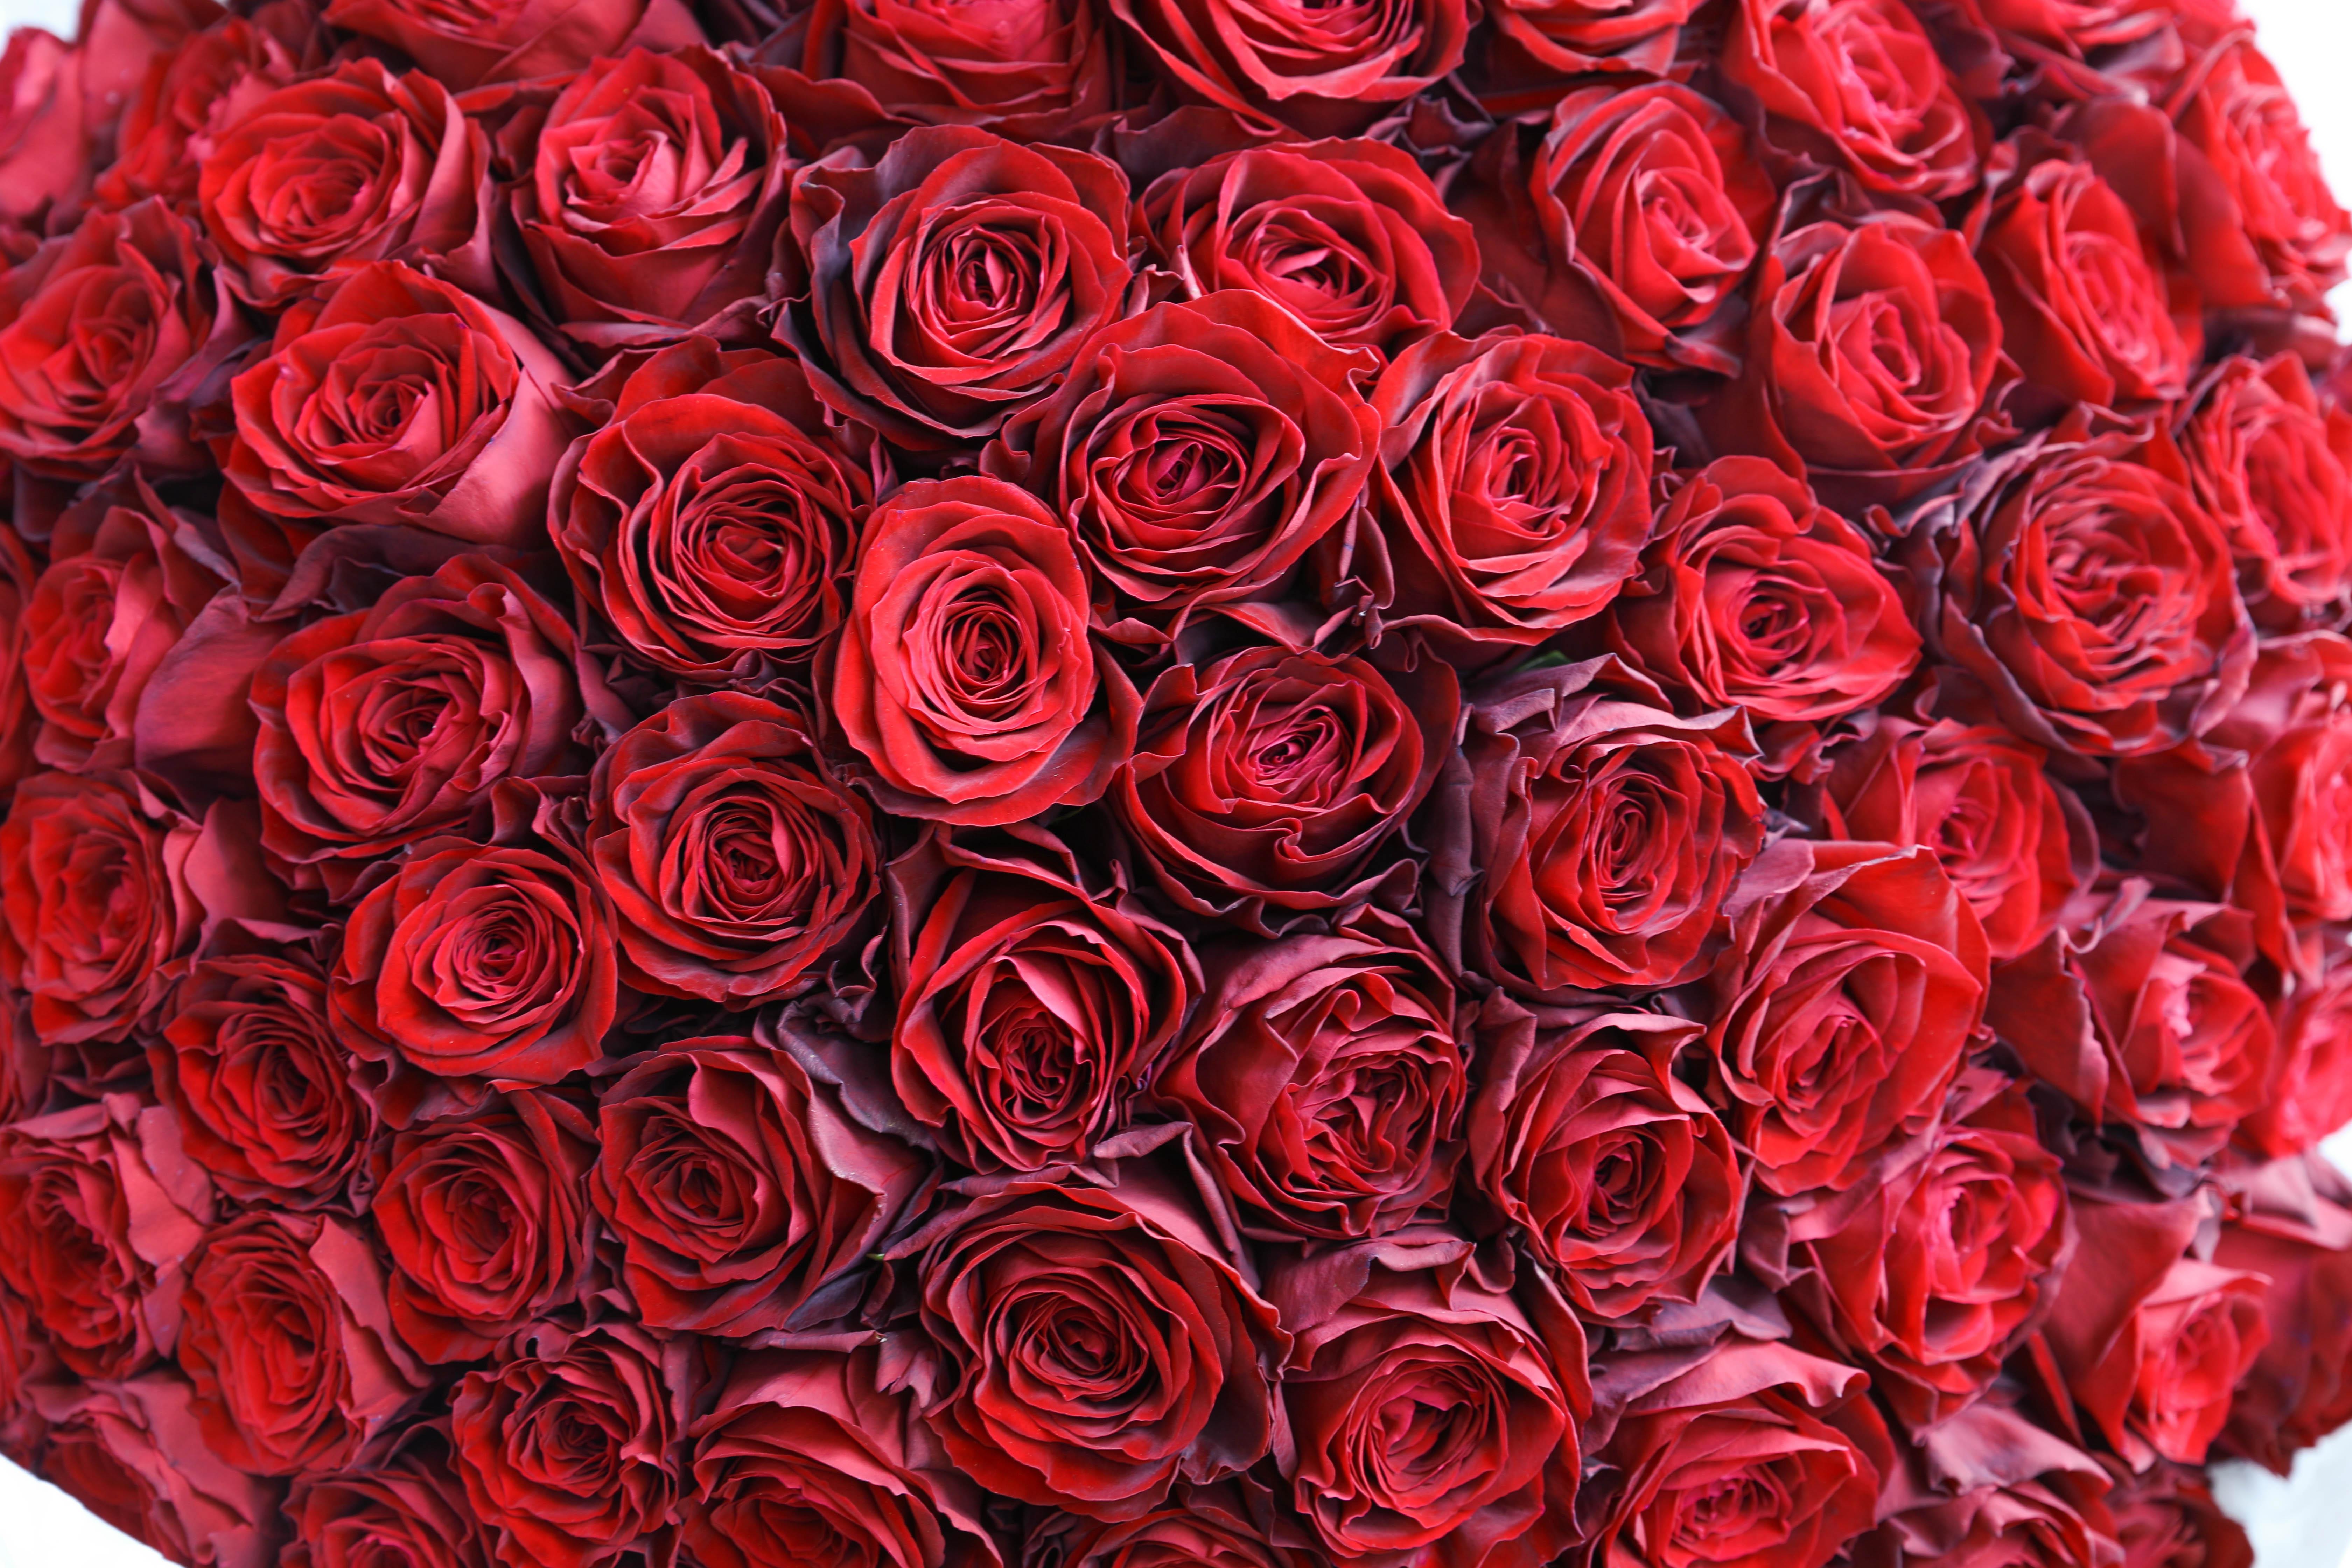 お誕生日プレゼントとして・100本の赤いバラの花束制作致しました